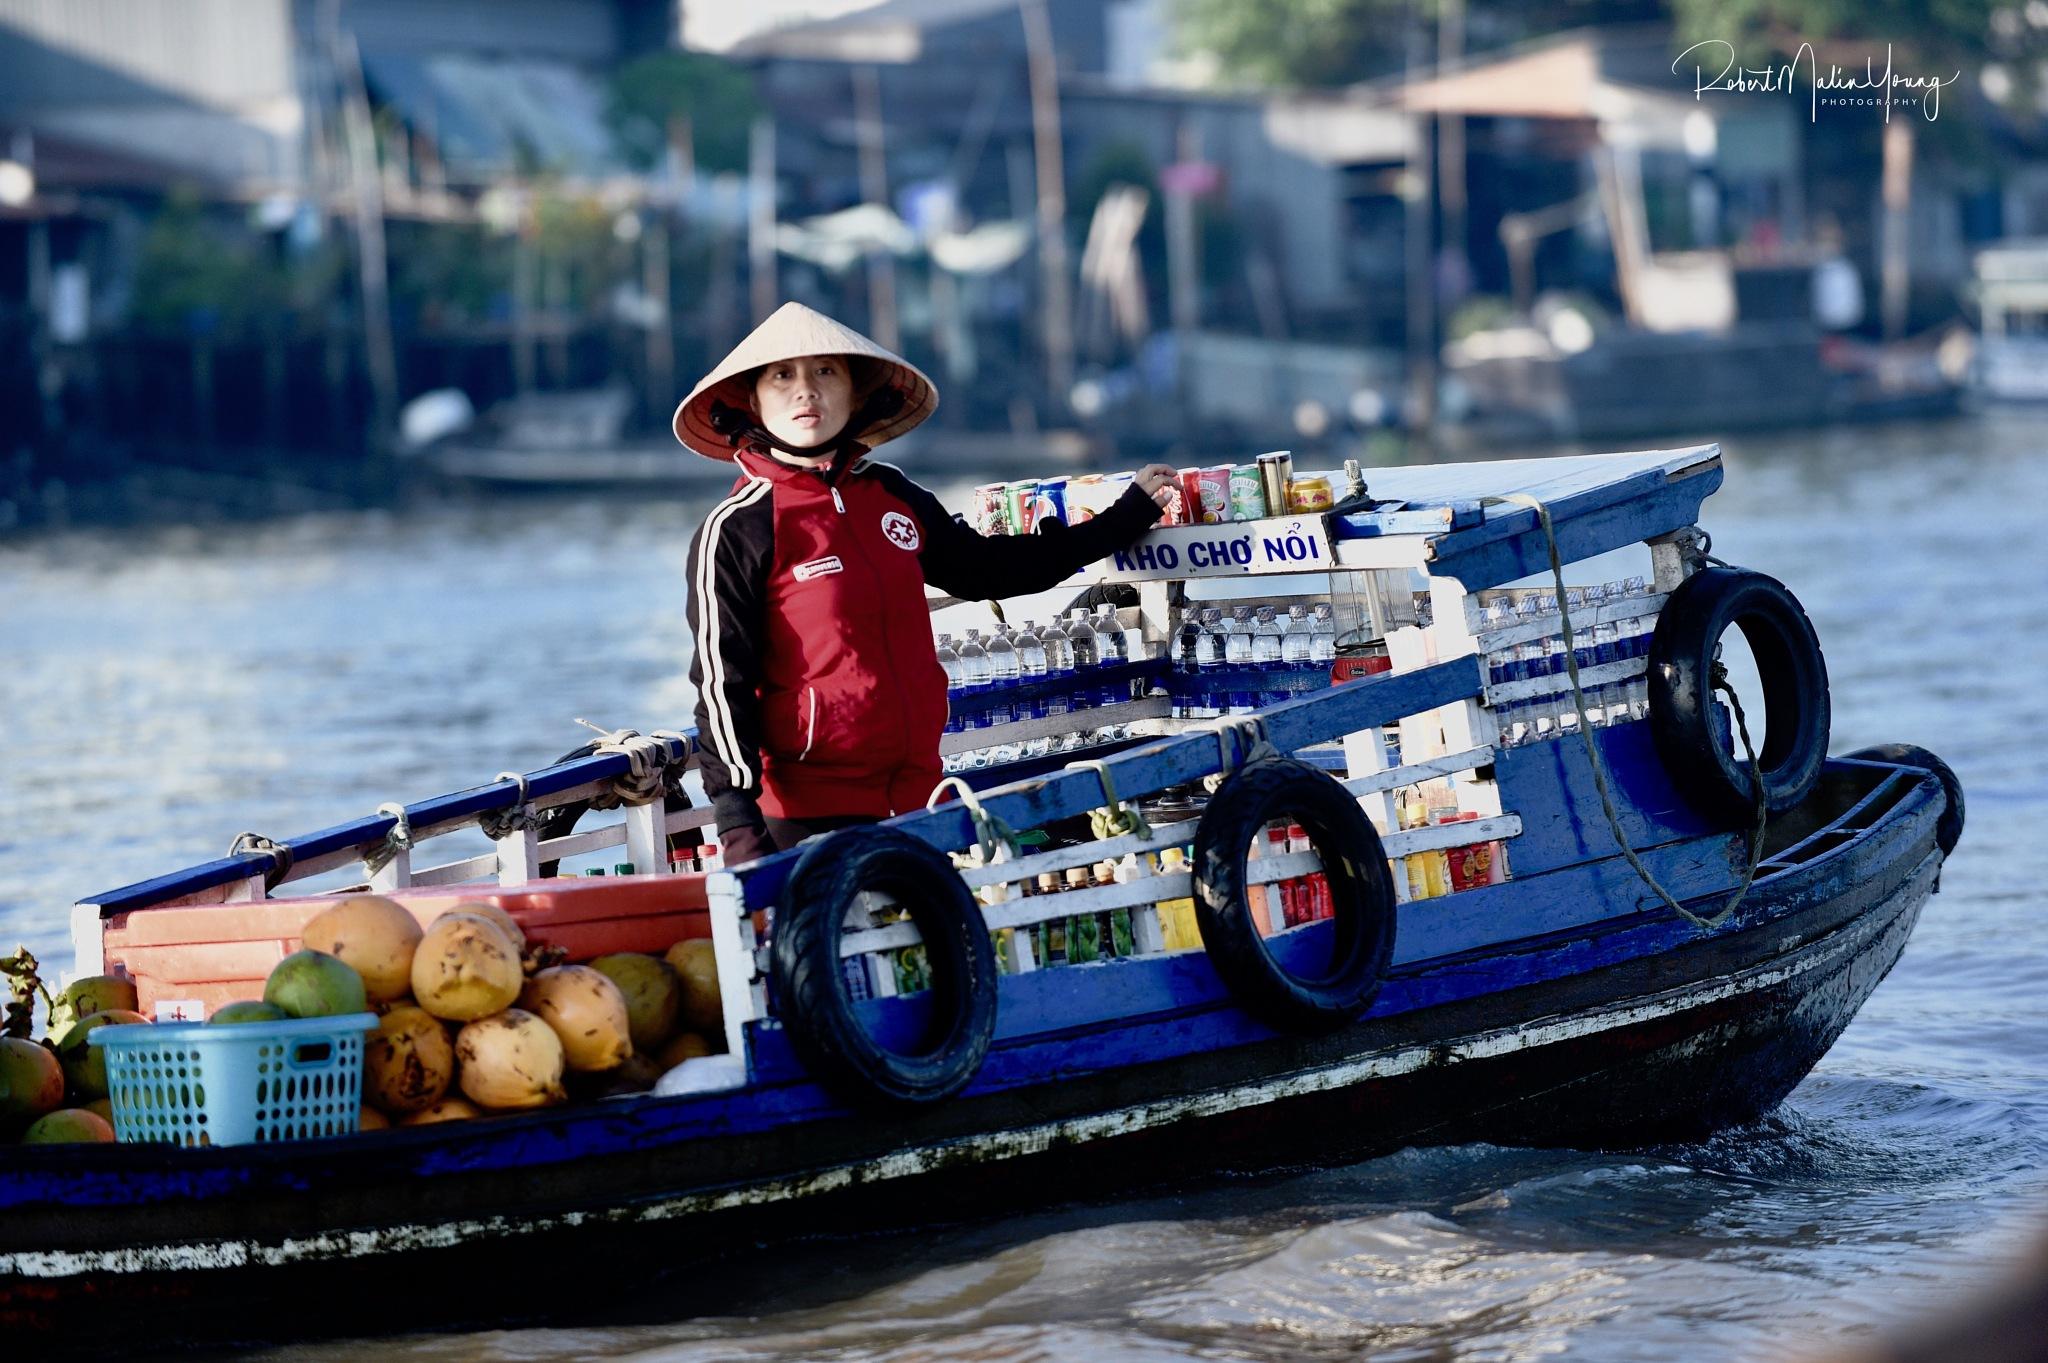 Viet Nam 2018 by Robert Malin Young